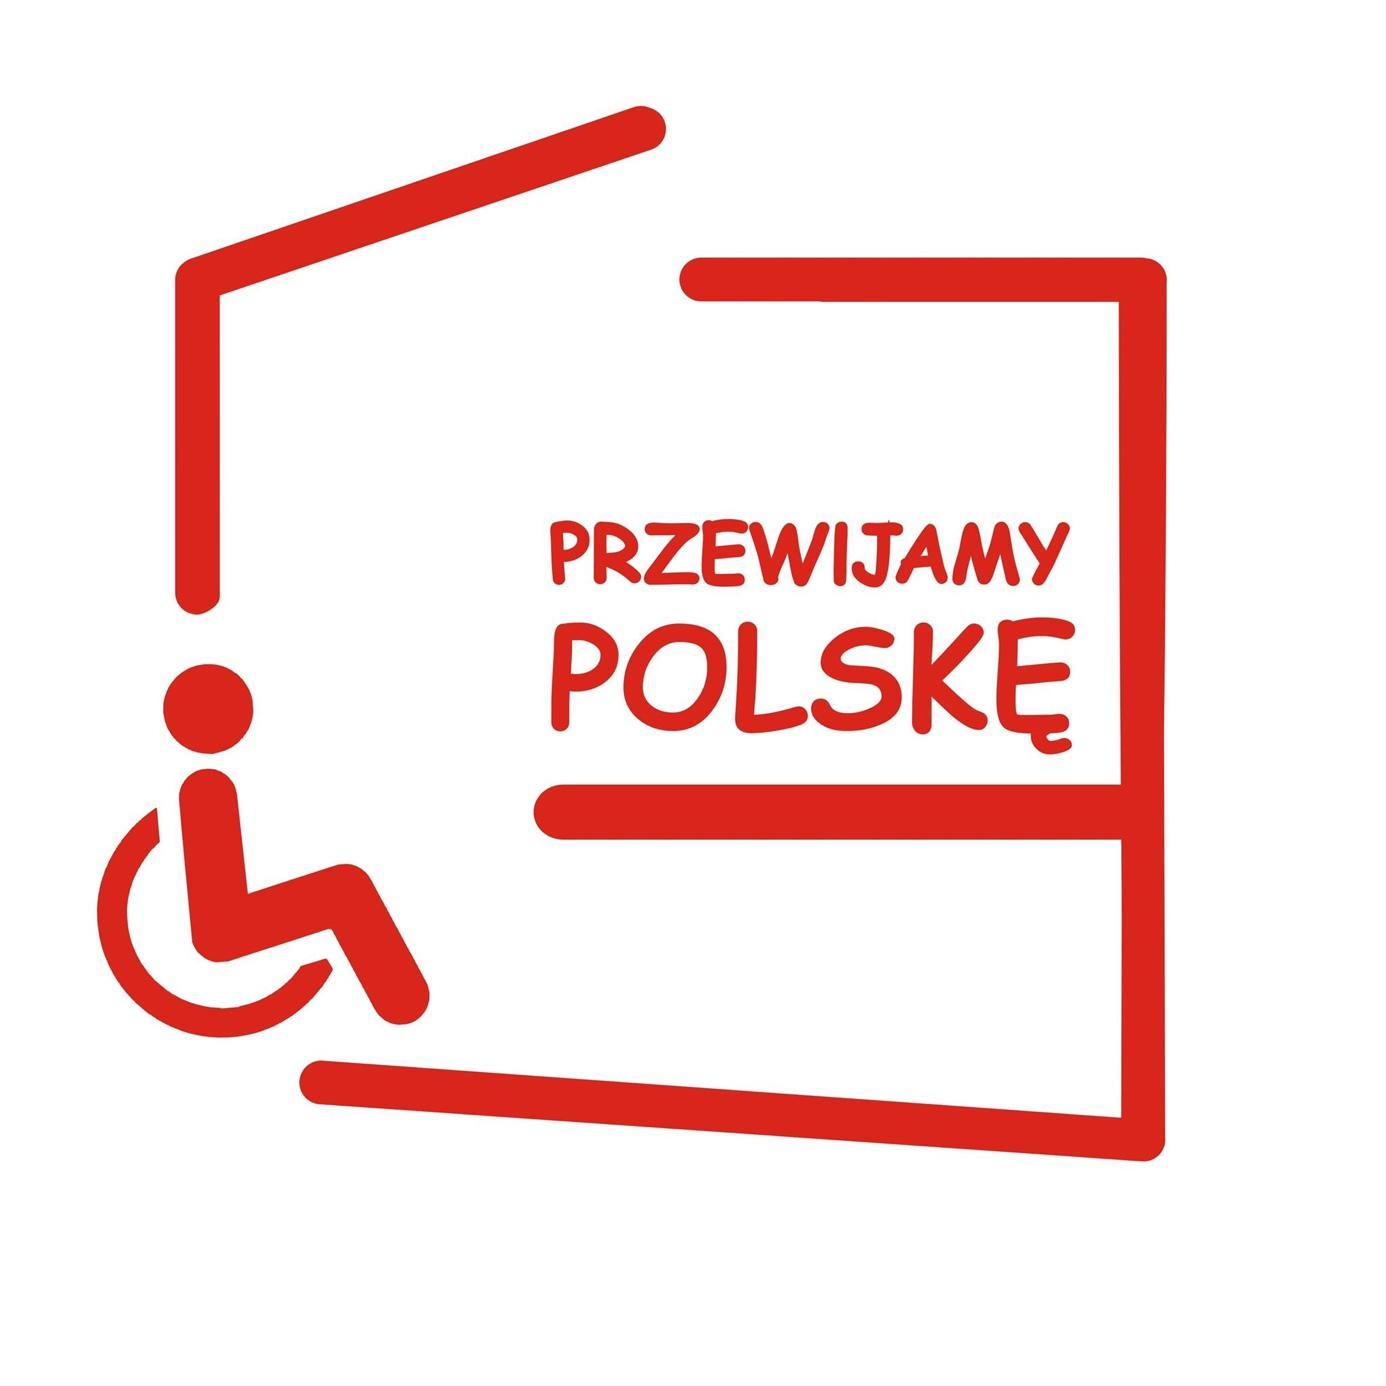 Przewijamy Polskę wzdłuż i wszerz